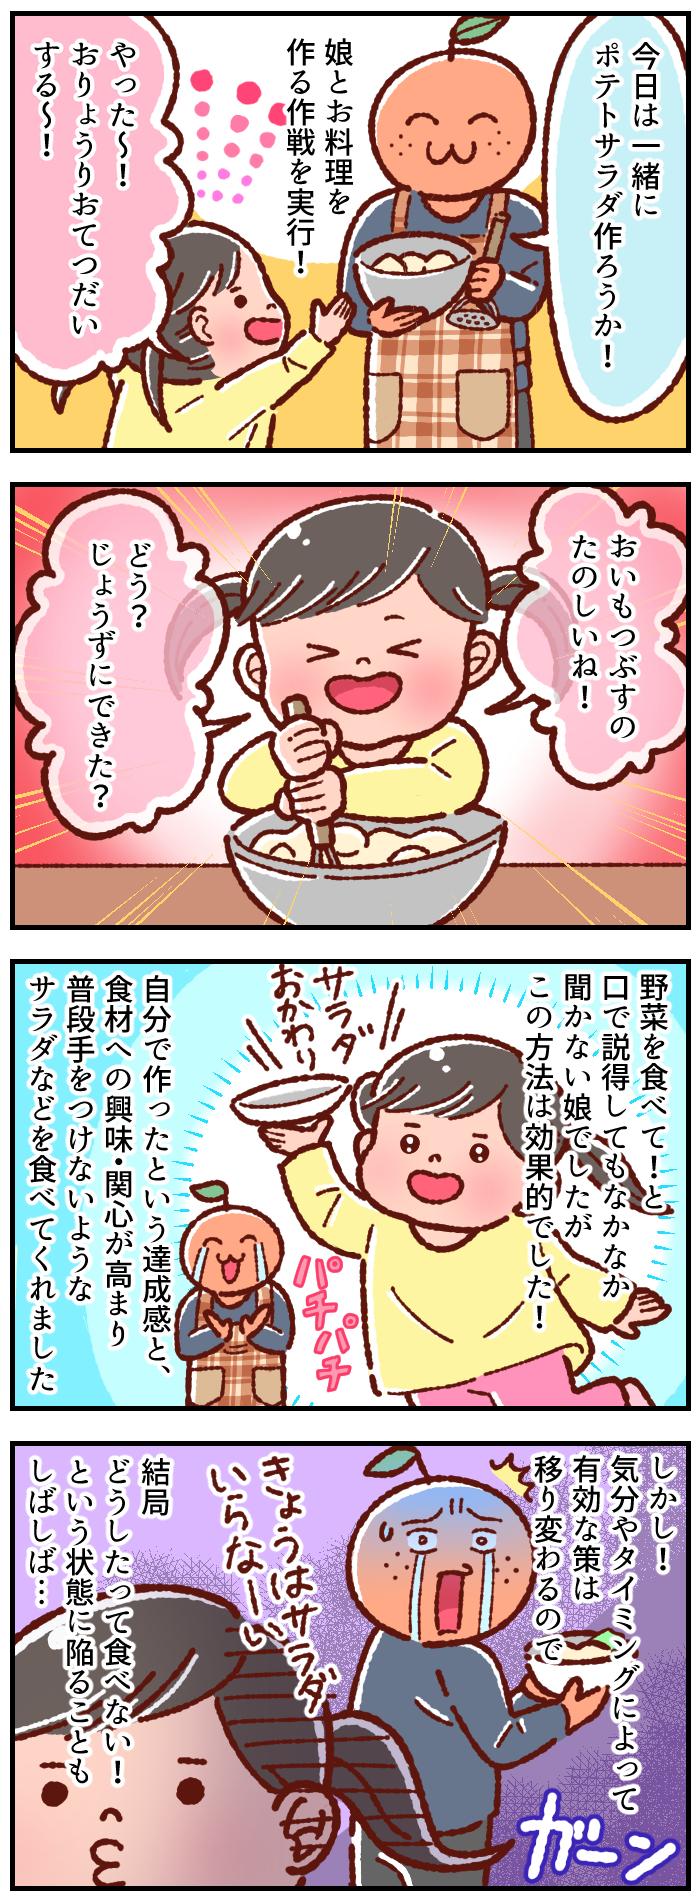 「野菜を食べて!」のセリフは効かず…。子どもの偏食問題と、楽しく付き合う方法って?の画像2